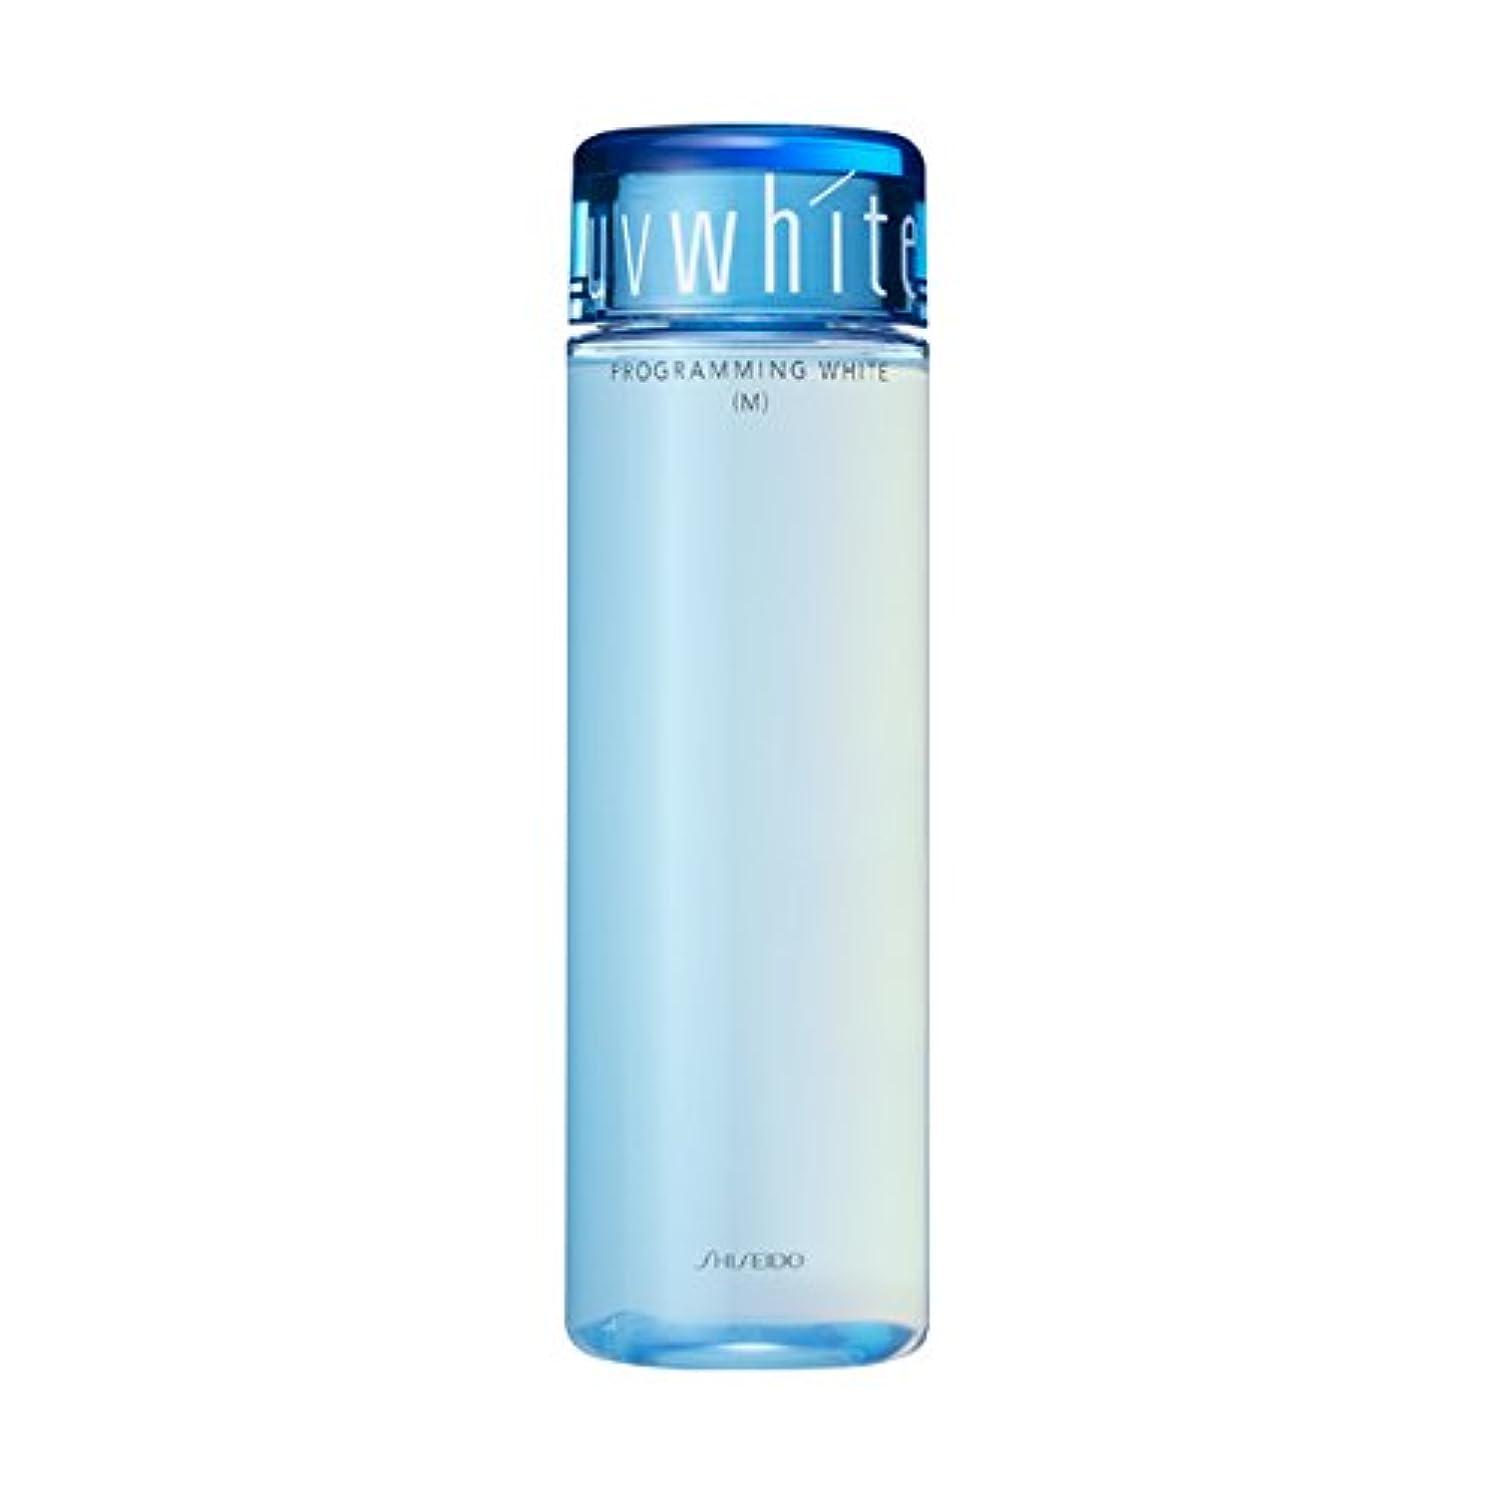 クライストチャーチ連帯露UVホワイト プログラミングホワイト(モイスチャー) 300mL 【医薬部外品】